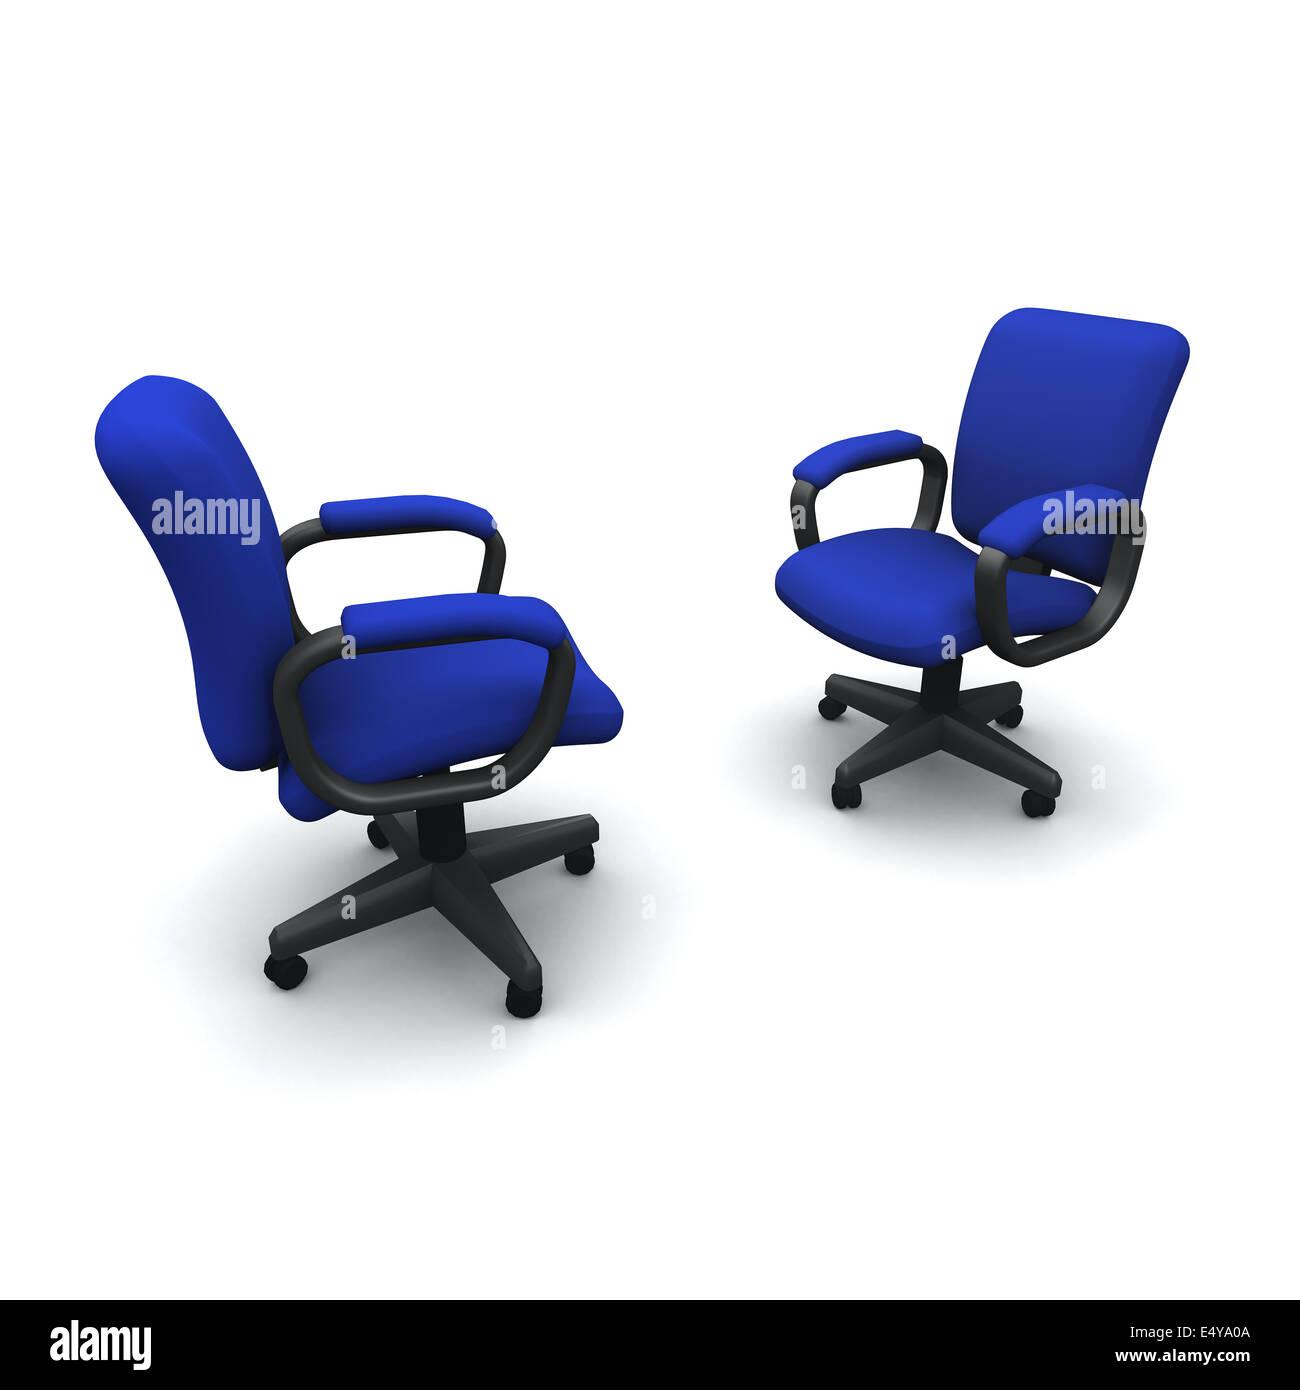 L'autre Render Jl35r4aq Face Banque Deux Bureau Chaises D 3d De Of En tshQrCxd